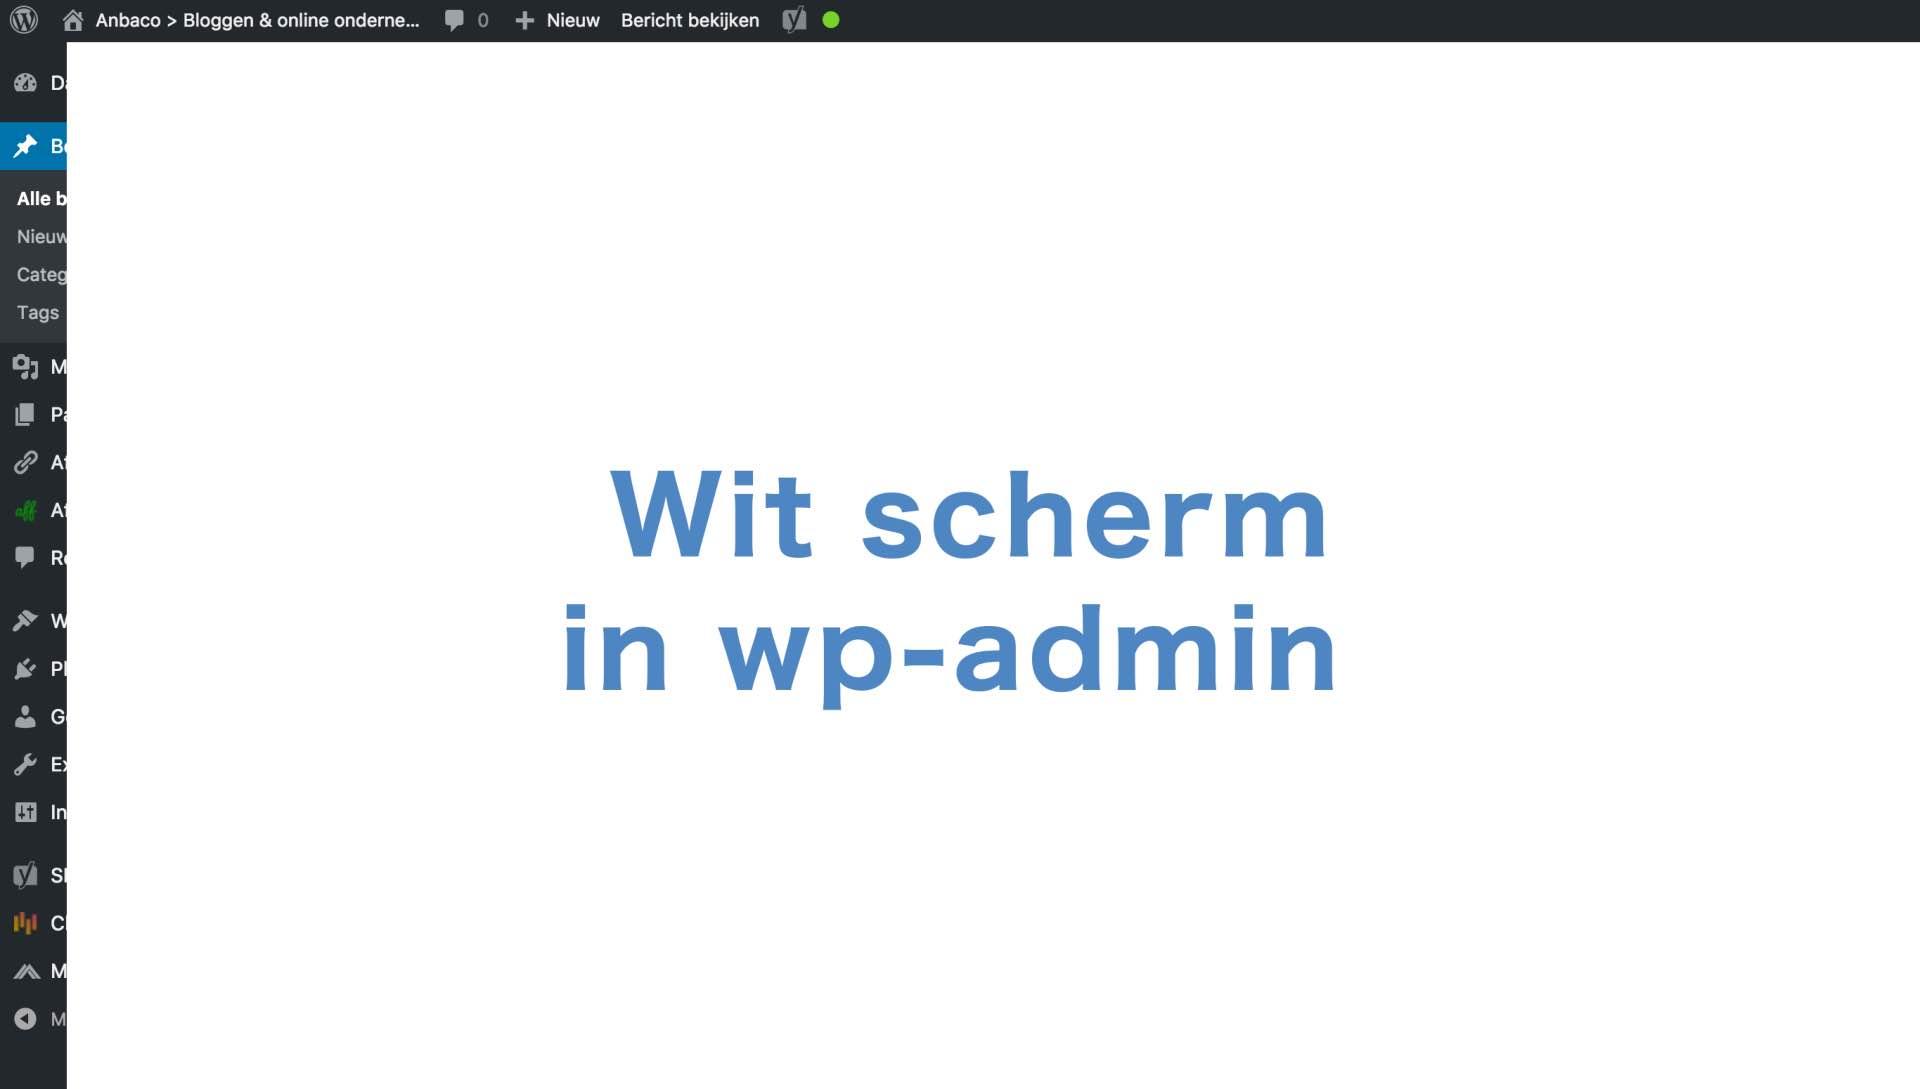 Wit scherm in WordPress - geen toegang tot wp-admin